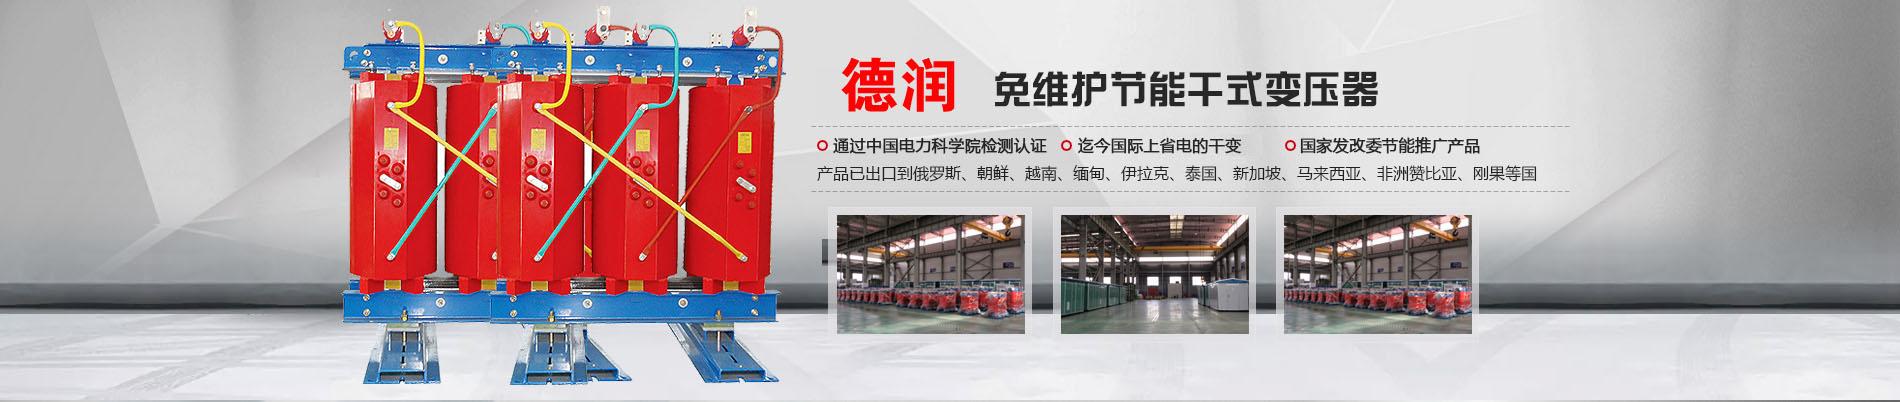 牡丹江干式变压器厂家